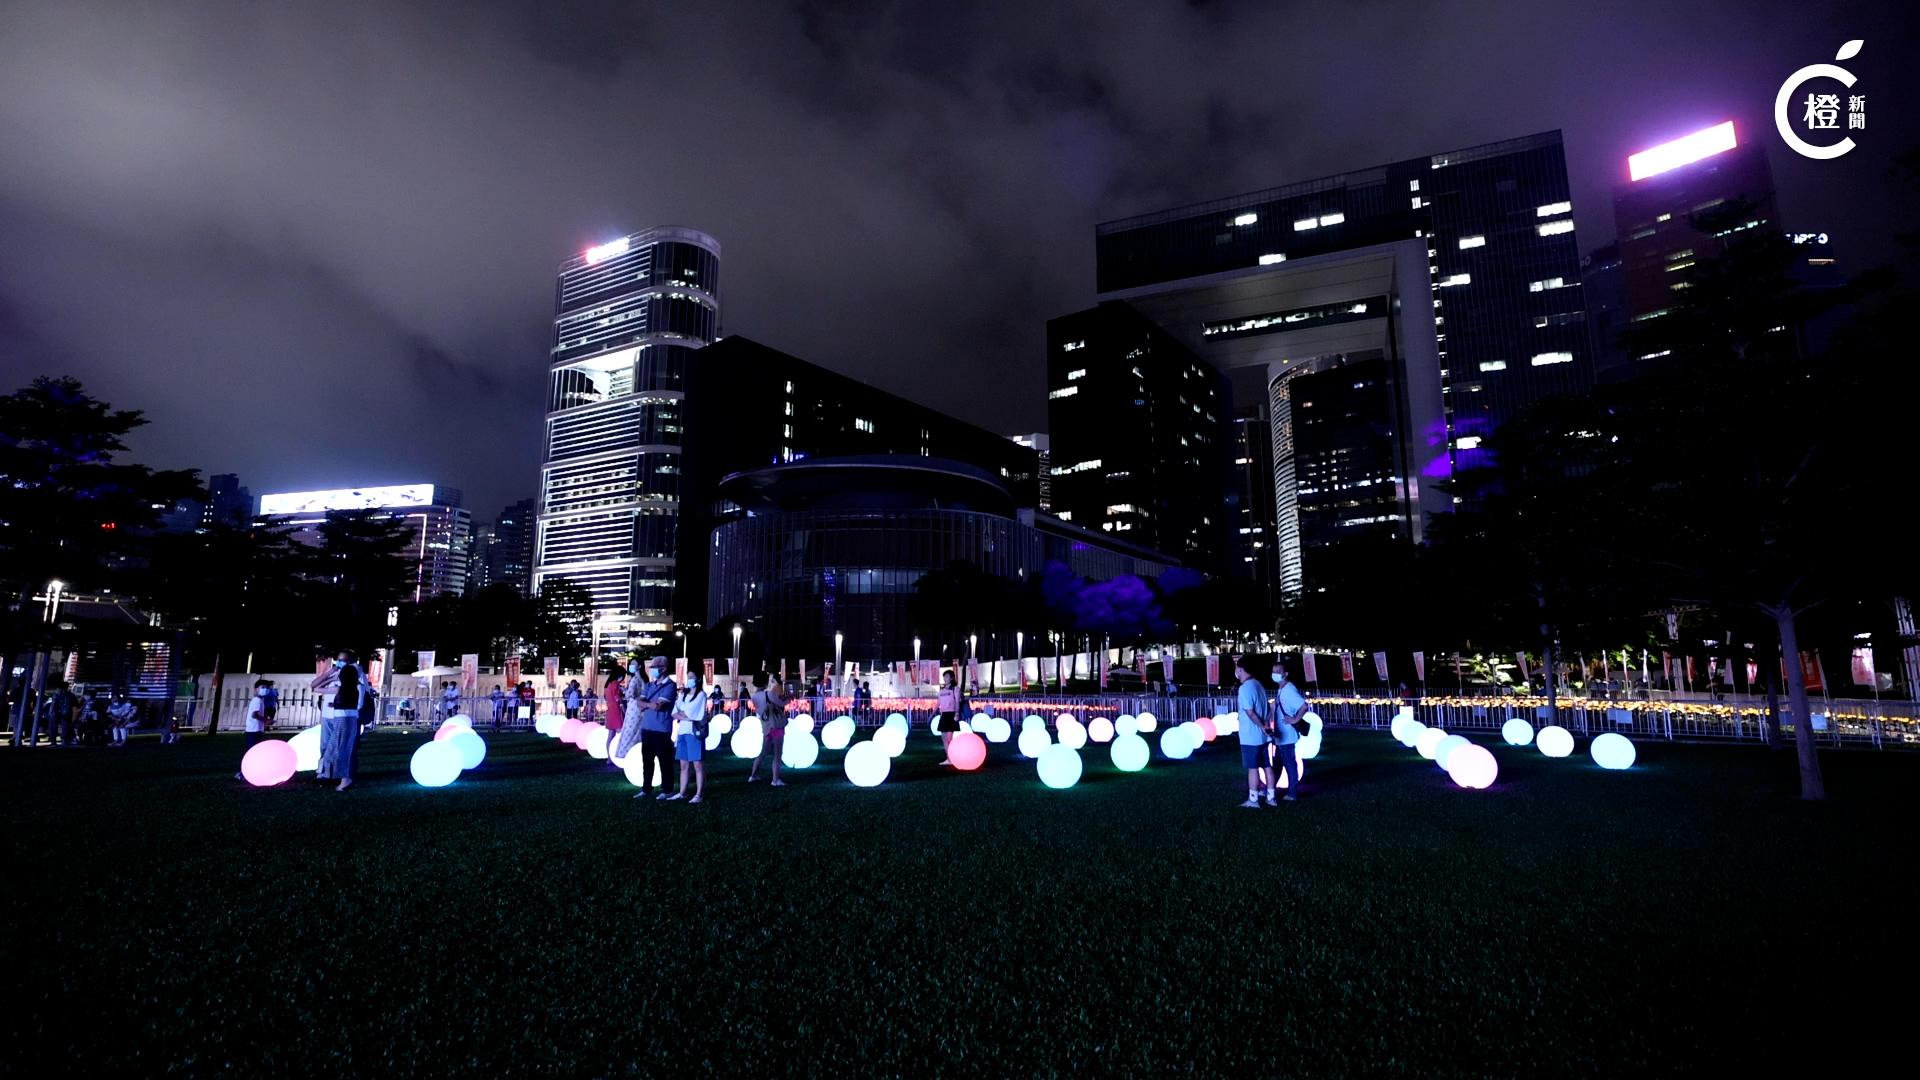 【有片】「光影3D耀維港」引市民「打卡」 投影紫荊花路寓意香港明天更好